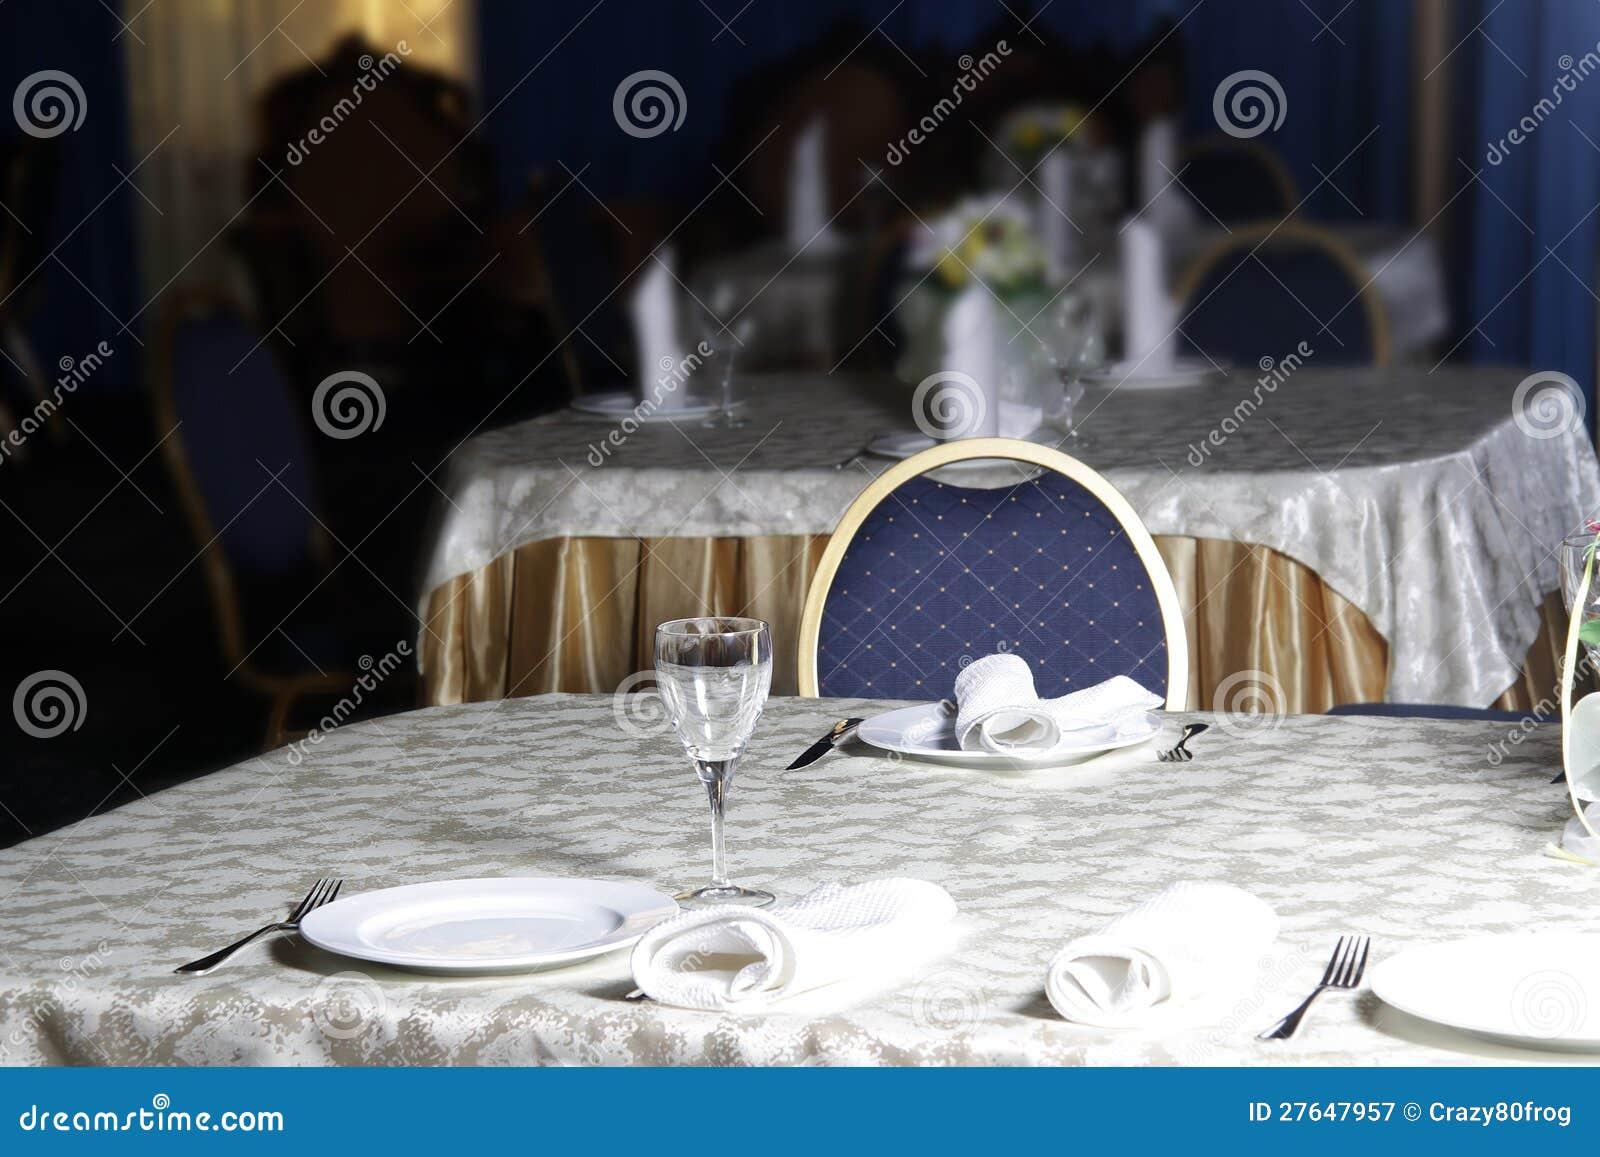 Utens lios de mesa no restaurante fotografia de stock for Utensilios de restaurante